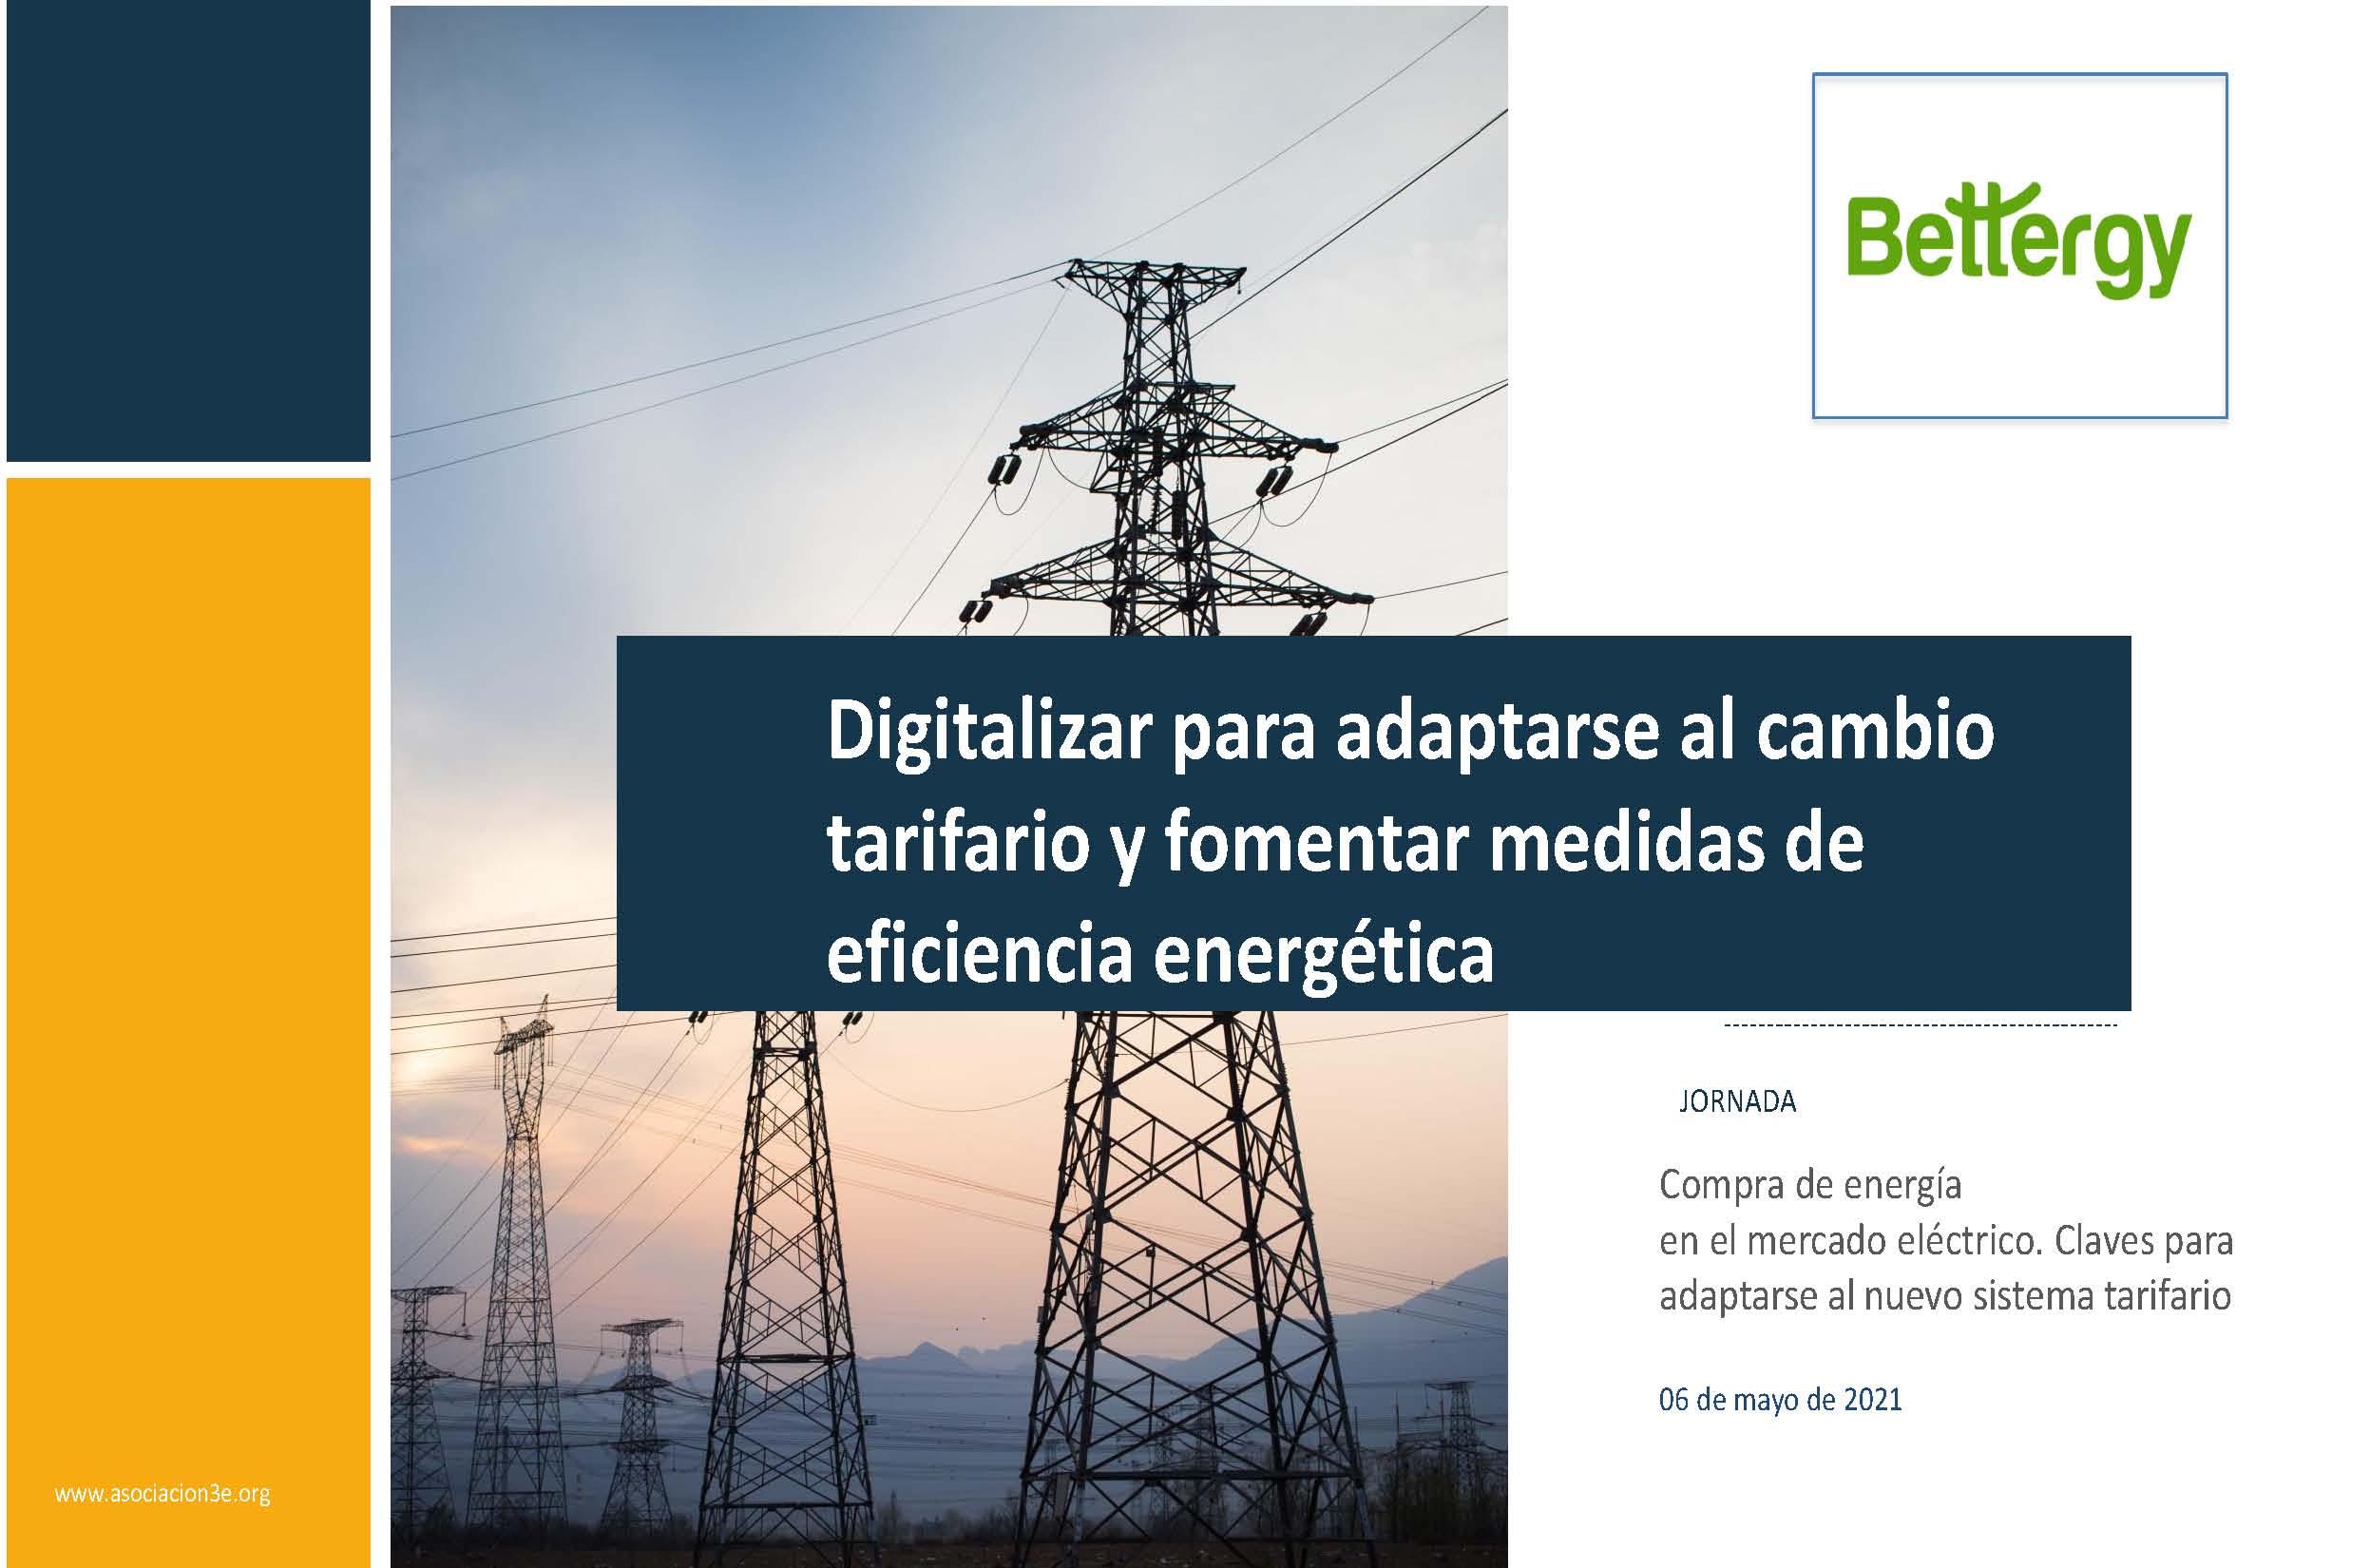 Digitalizar para adaptarse al cambio tarifario y fomentar medidas de eficiencia energética